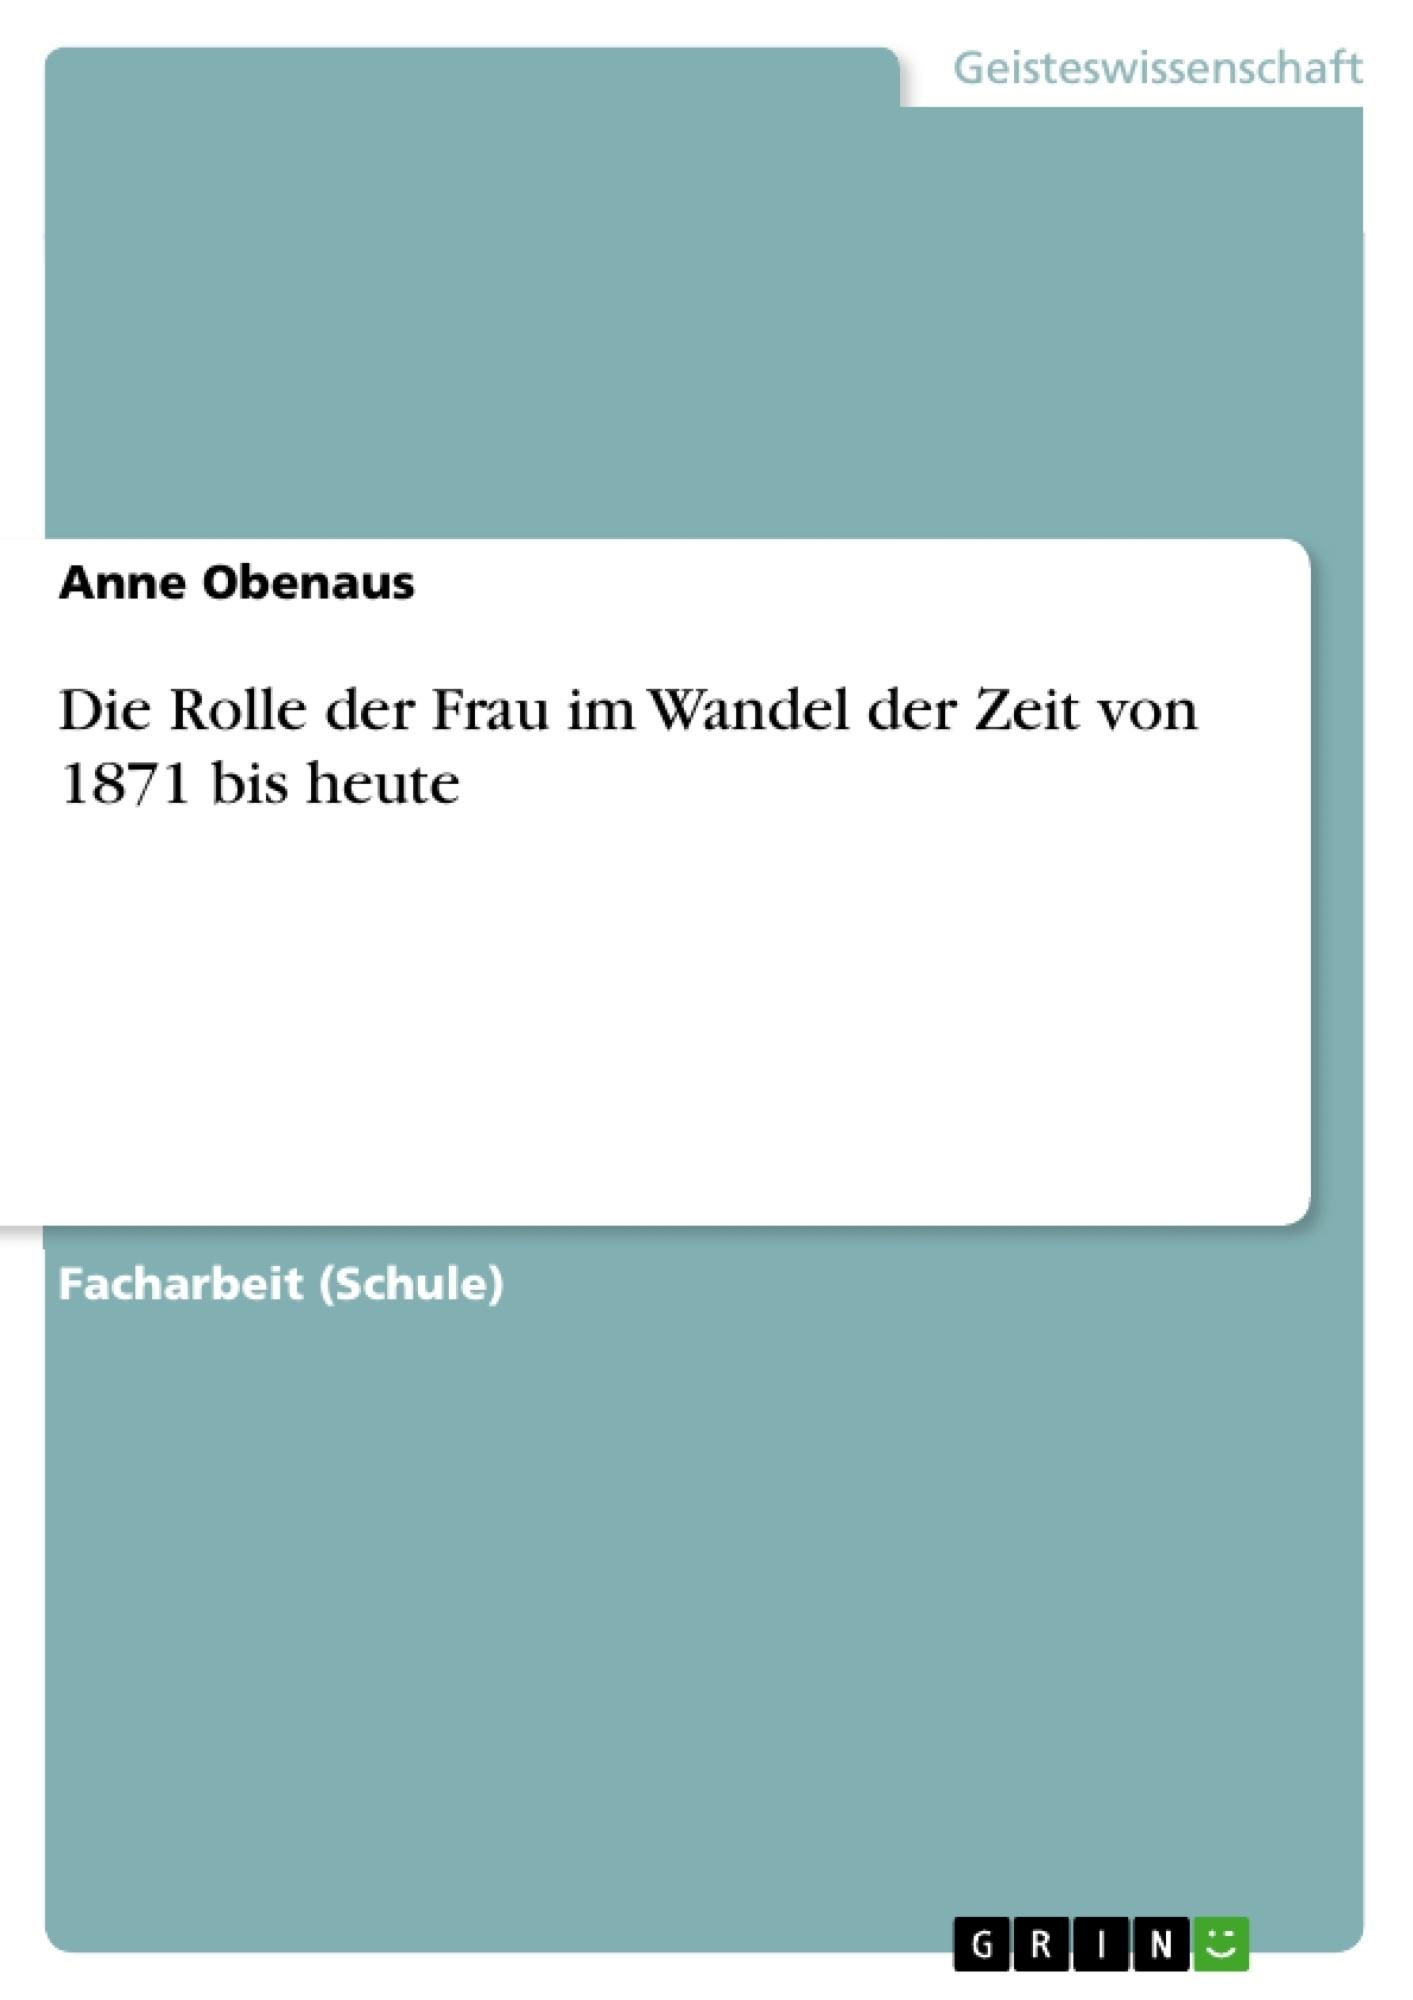 Fein Fortsetzen Vorlagen Für Führungspositionen Fotos - Entry Level ...